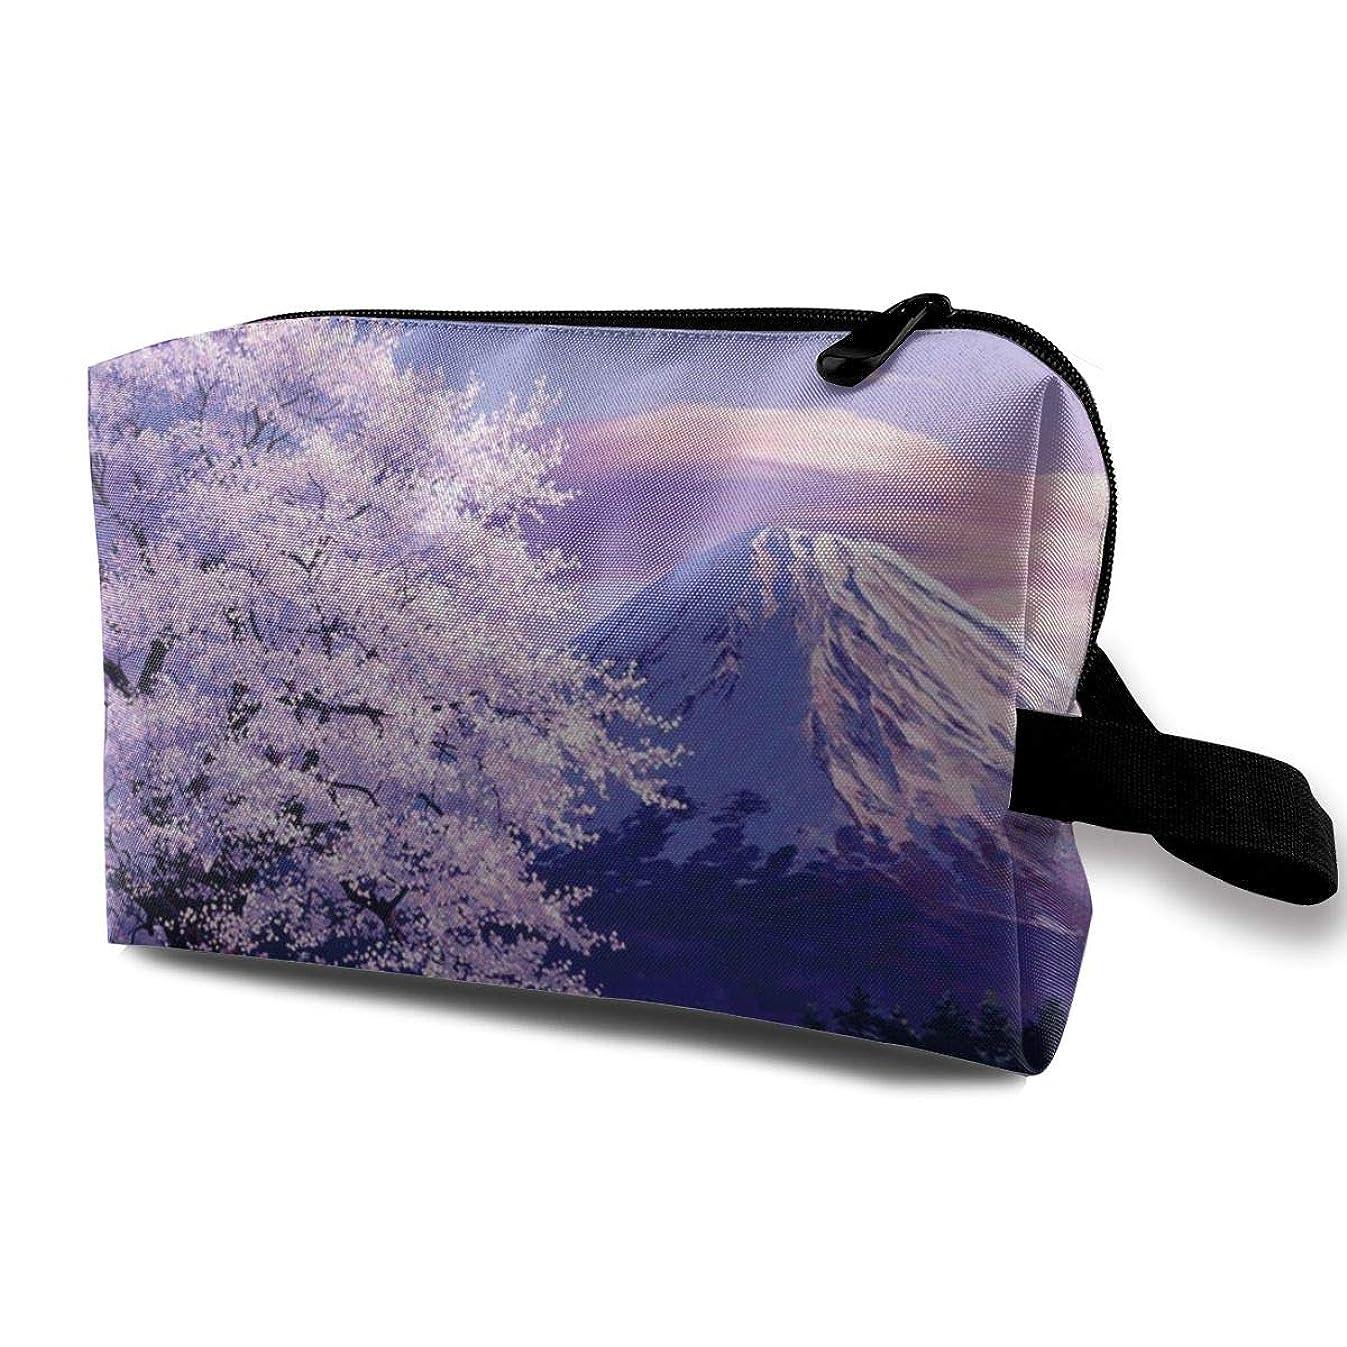 スロー普通に八化粧ポーチ 化粧品ポーチ 富士山 桜満開のころ メイクポーチ 多機能 収納力抜群 出張 旅行 便利 軽量 小物入れ かわいい 人気 おしゃれ プレゼント